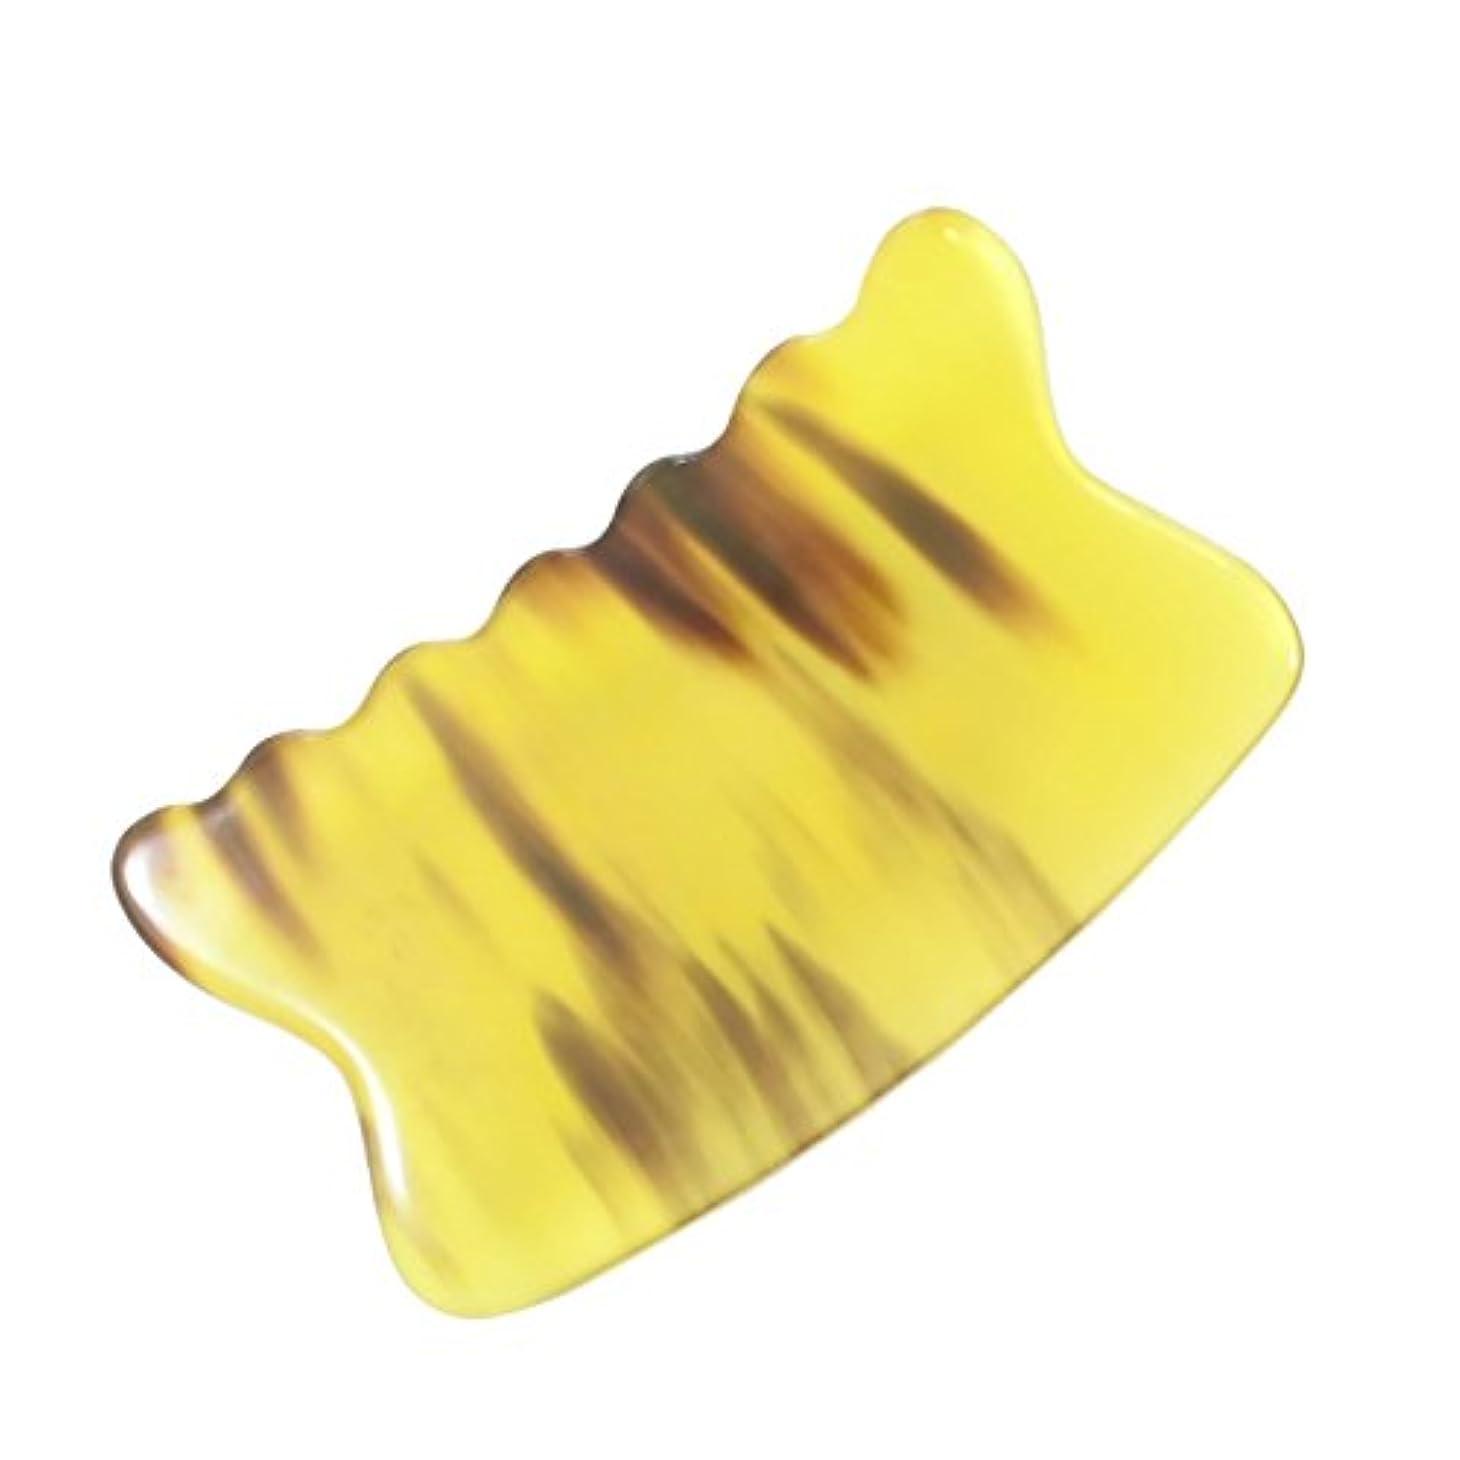 盆地合計歌手かっさ プレート 希少59 黄水牛角 極美品 曲波型